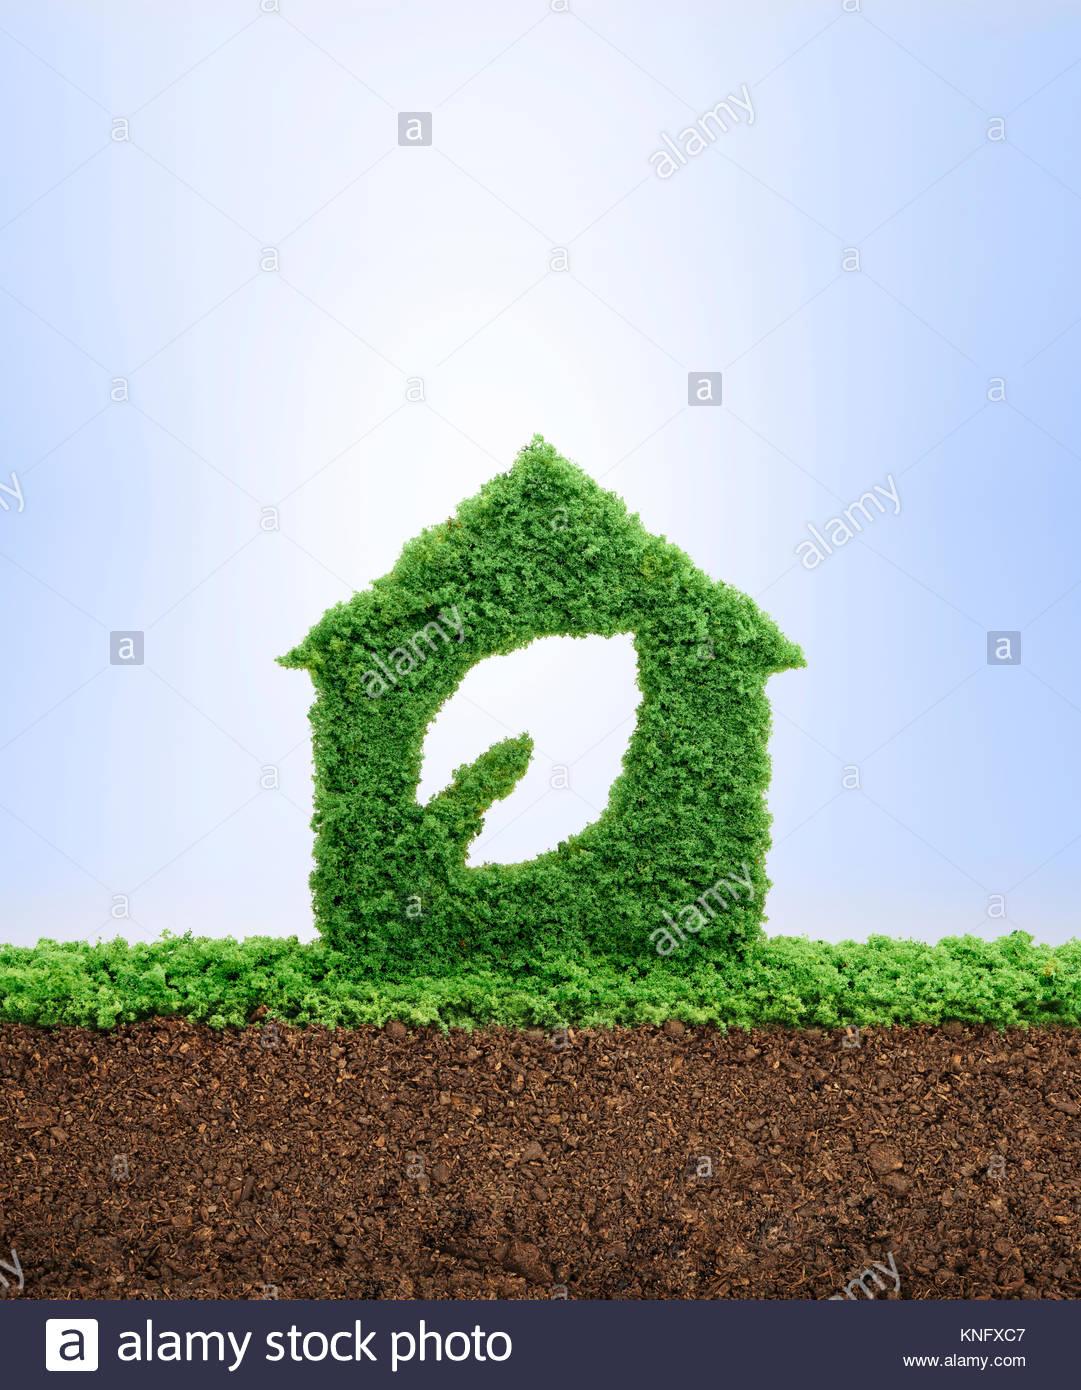 Die Natur ist Home Konzept. Bauen Nachhaltige Wohnungen und die Umwelt zu schützen. Gras wächst in der Stockbild